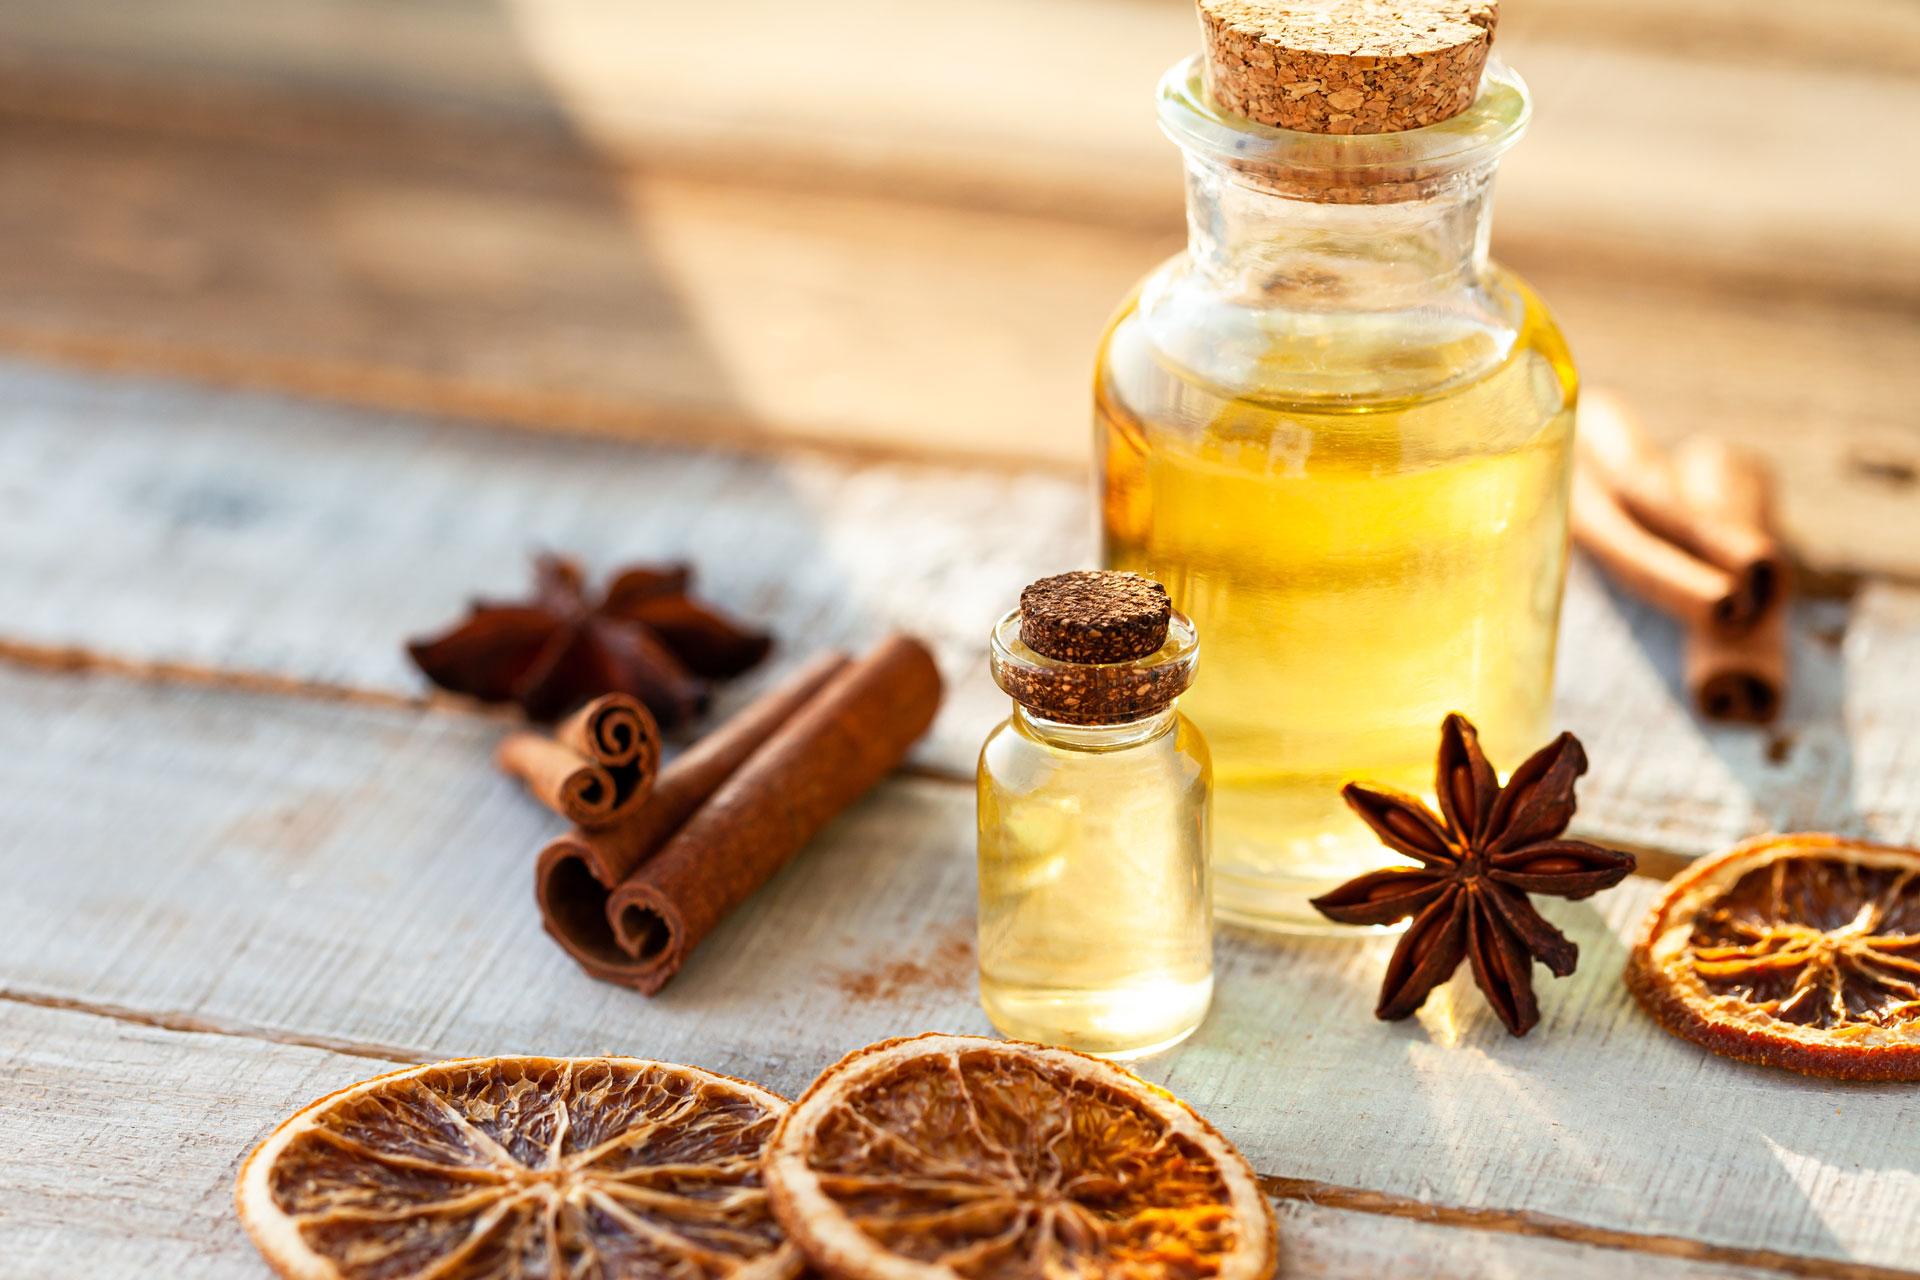 Anisöl, Orangenöl, Nelkenöl, Zimtöl, Ölflasche auf Tisch